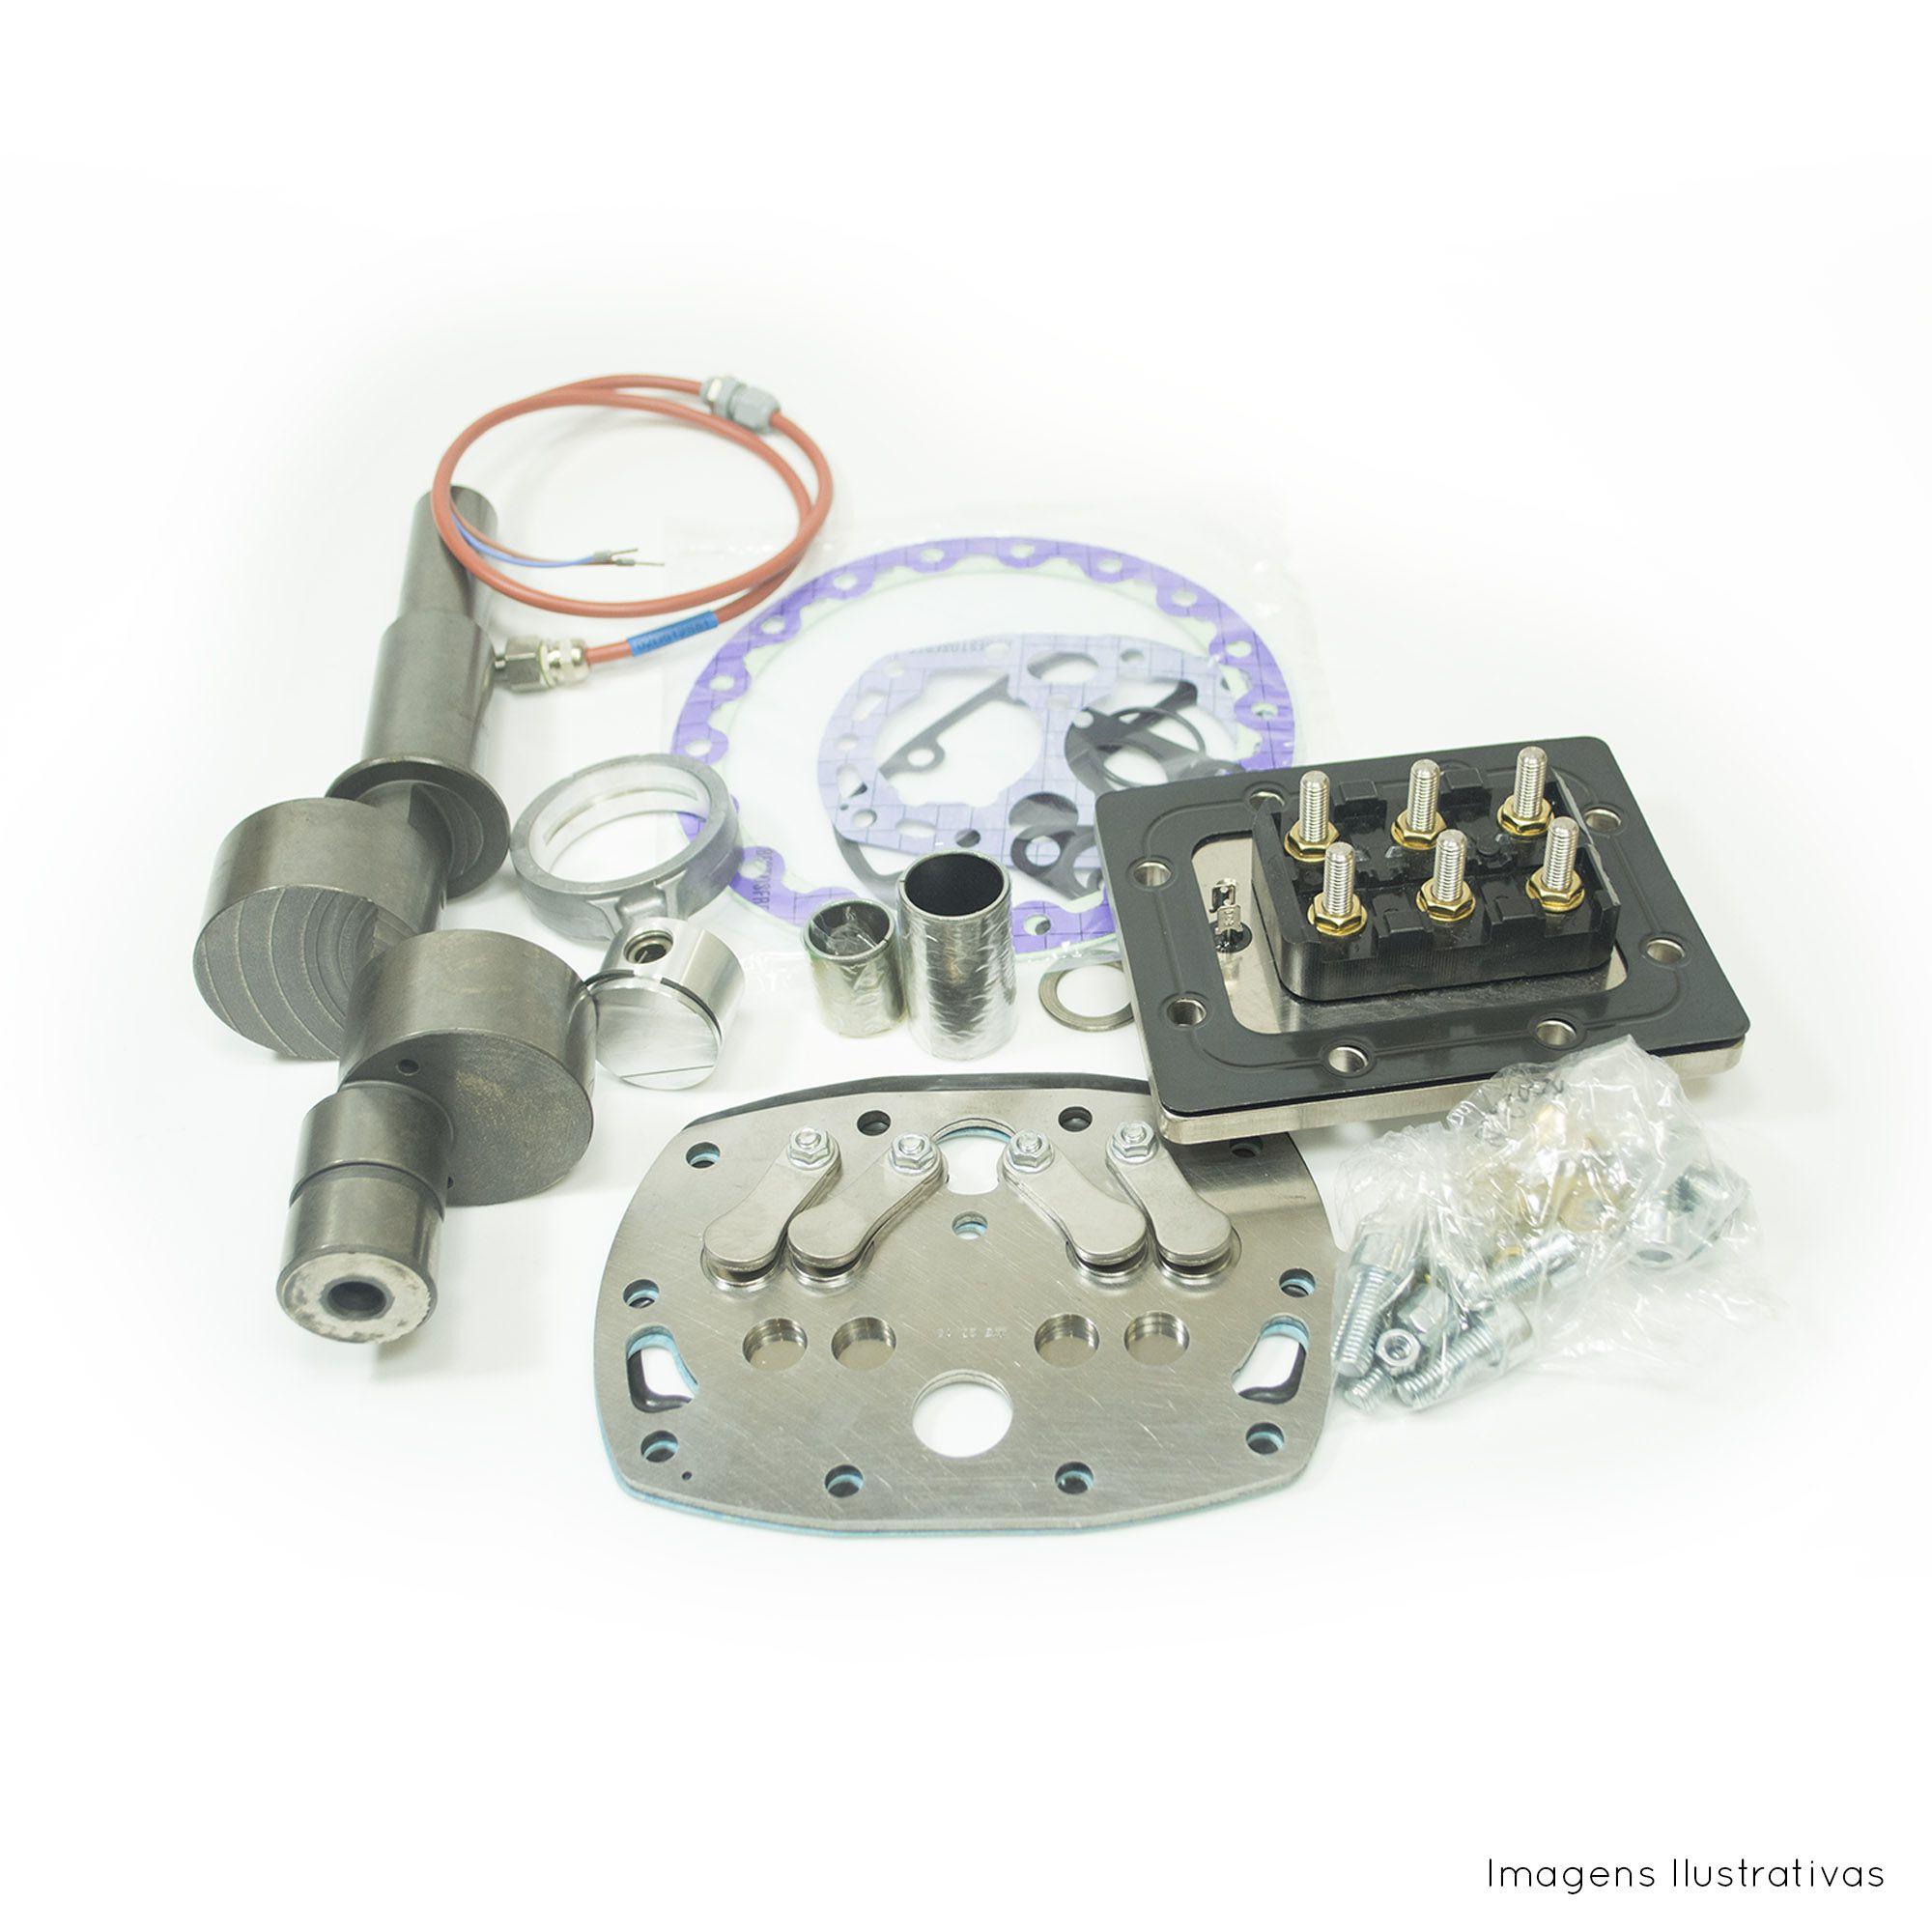 Sistema de Resfriamento do Cabeçote - 810-10085